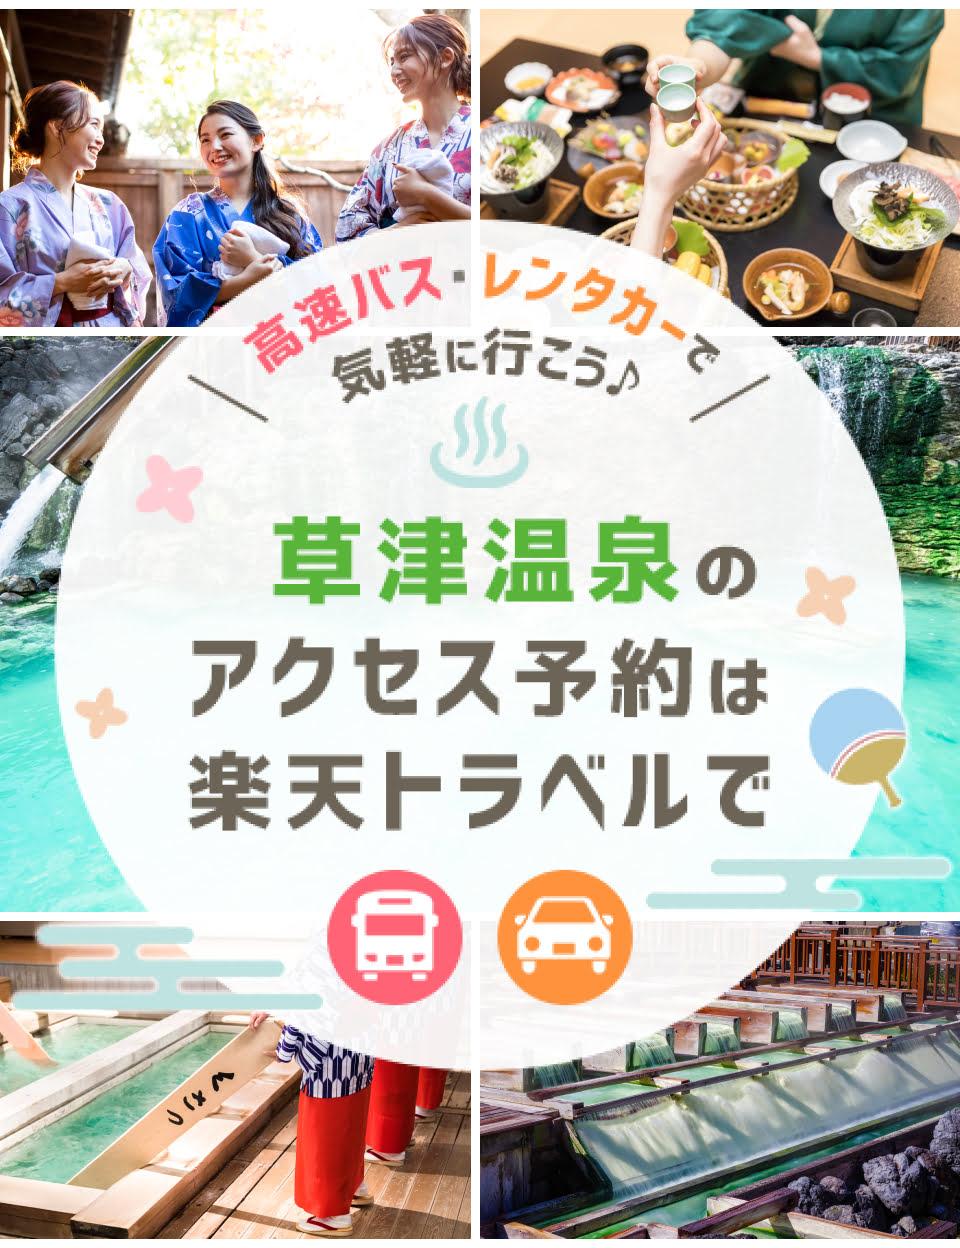 草津温泉へのアクセスなら、楽天トラベルの高速バス・レンタカー